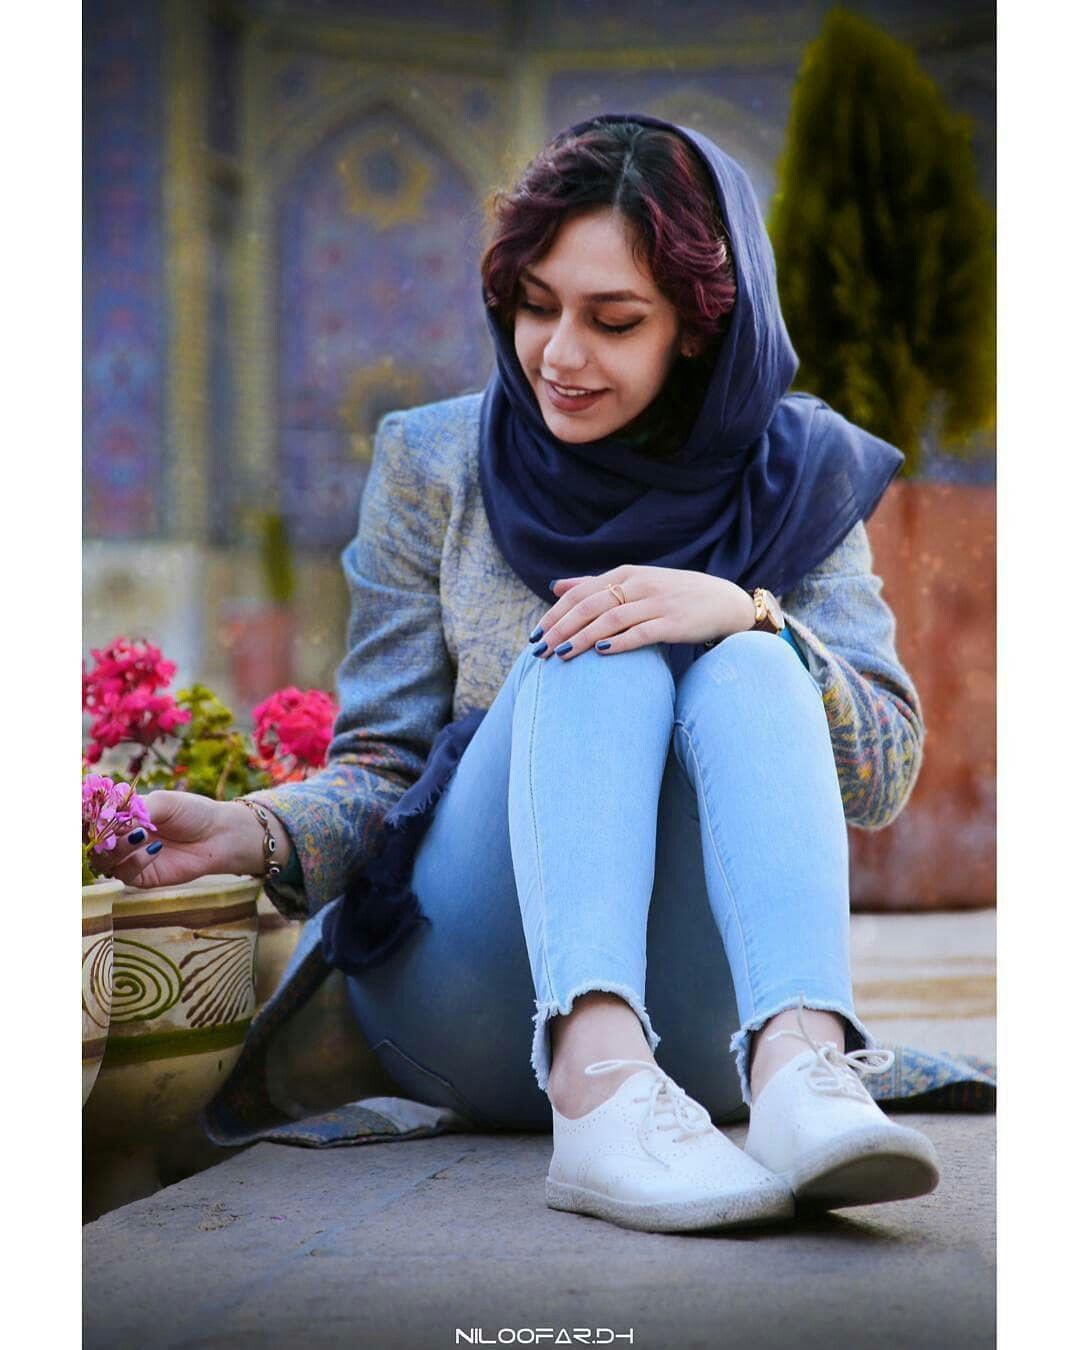 Iranian Nice Girl Iranian Girl Iranian Women Fashion Iranian Models